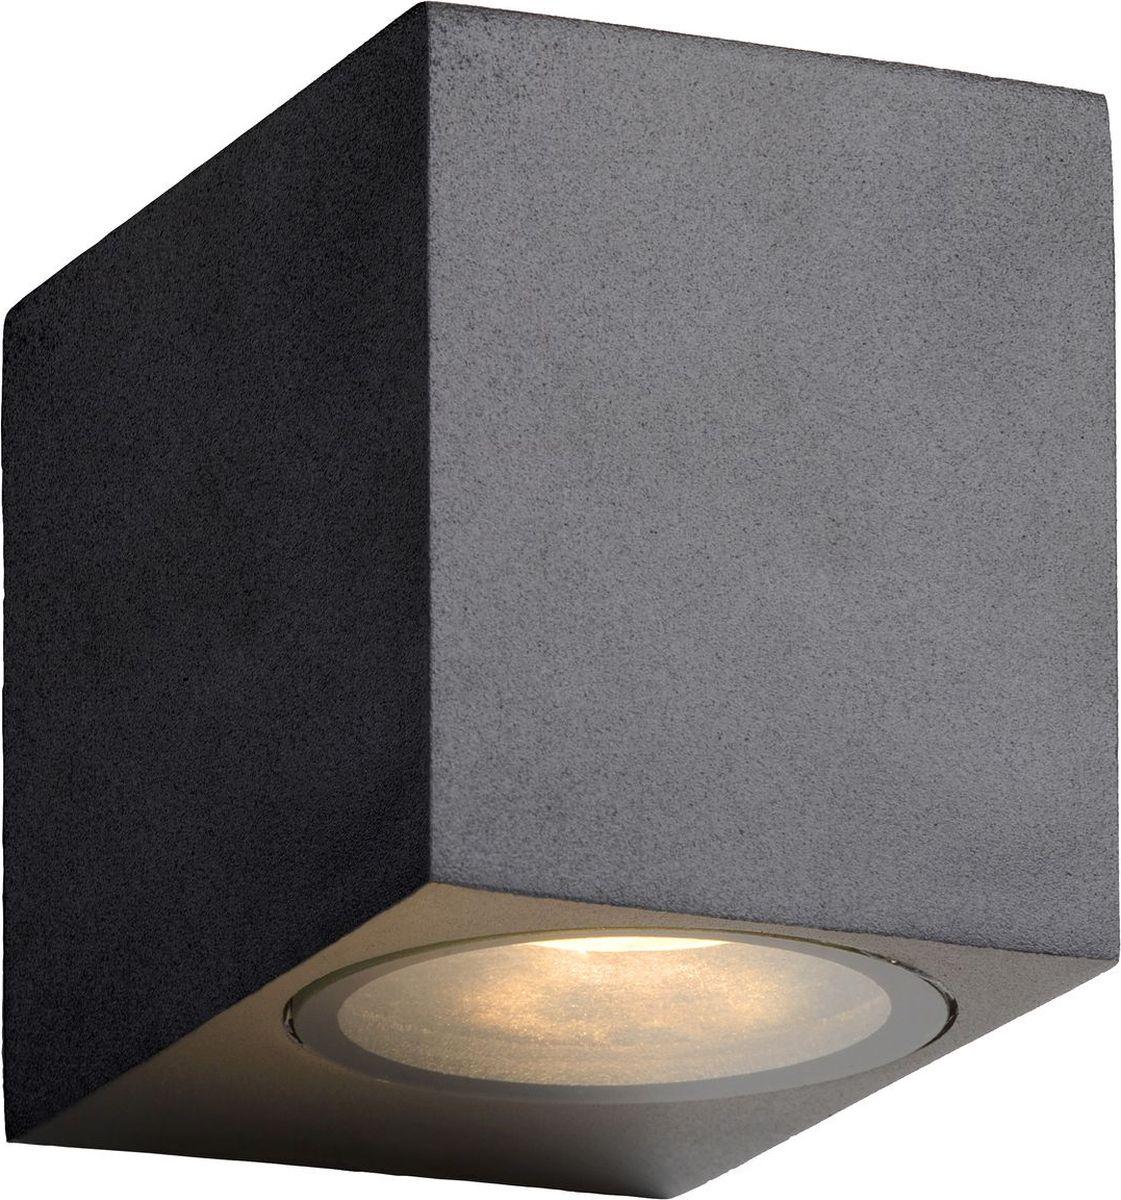 Светильник уличный настенный Lucide Zora Led, цвет: прозрачный, GU10, 5 Вт. 22860/05/3022860/05/30